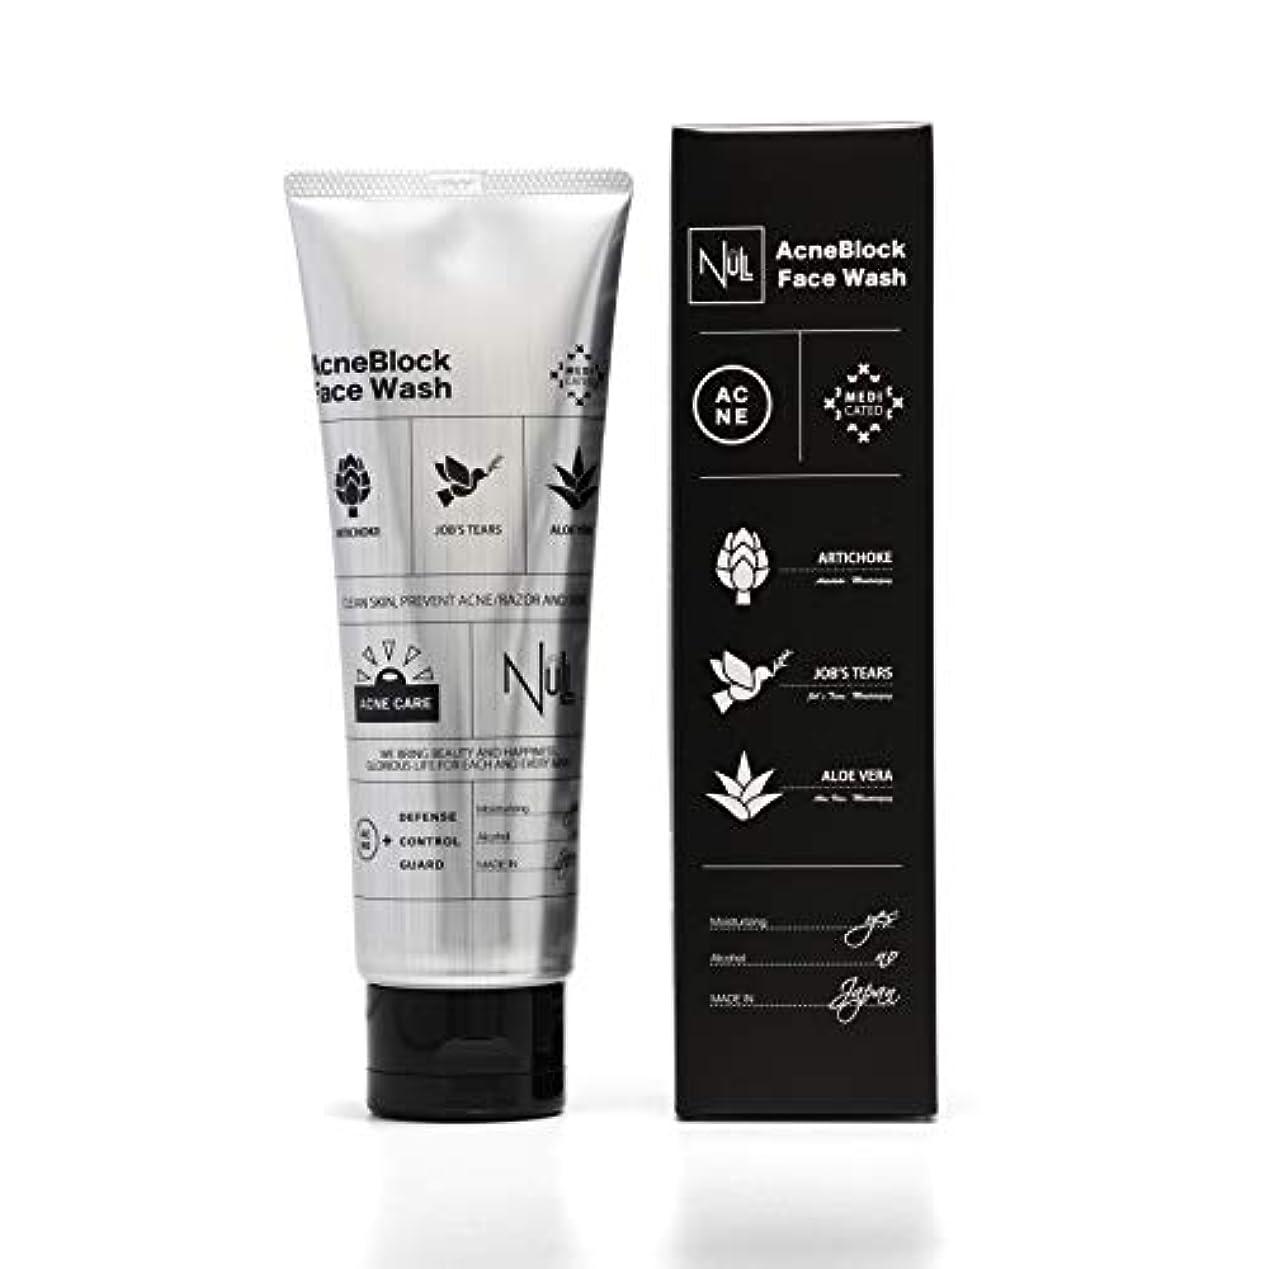 不十分なマットオゾンNULL 洗顔 メンズ 【有効成分の力で ニキビ を防ぐ かみそり負け/肌荒れ を防ぐ】薬用 アクネブロック フェイスウォッシュ 洗顔クリーム 洗顔料 保湿成分配合 アルコールなど6つの 無添加 医薬部外品 120g